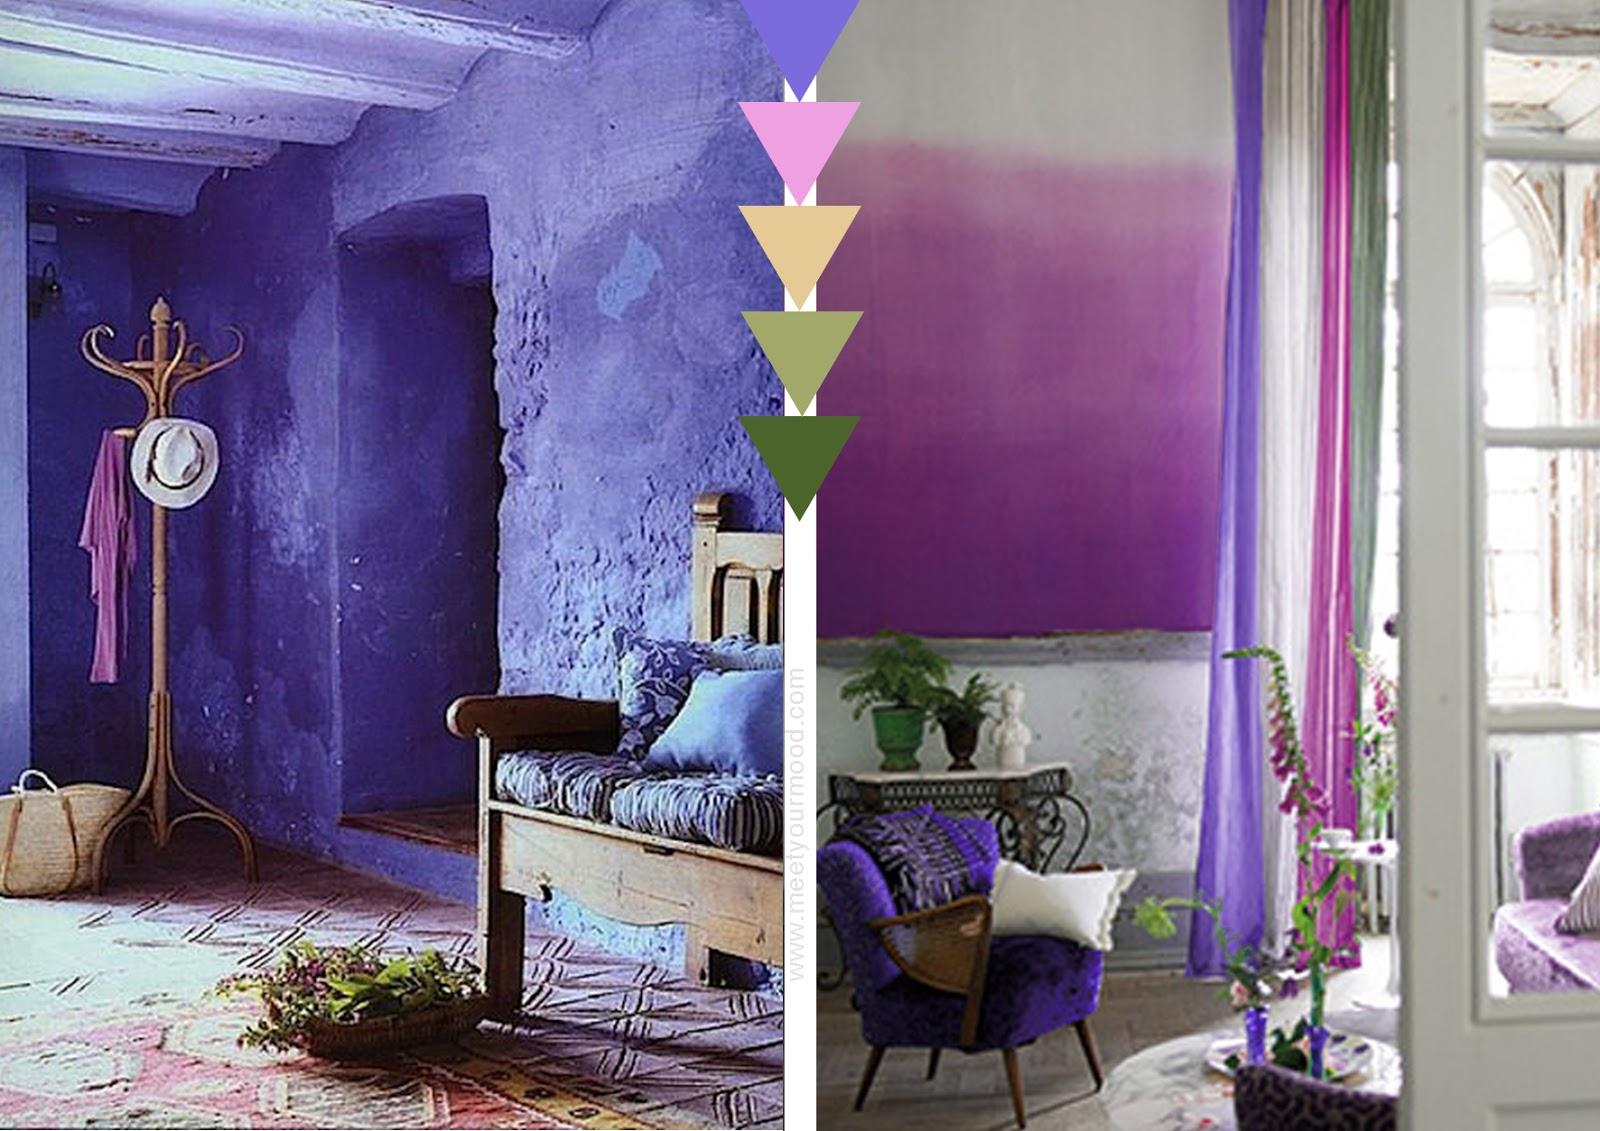 Pareti Interne Color Lavanda : Pareti interne color lavanda il colore nell arredamento qualche